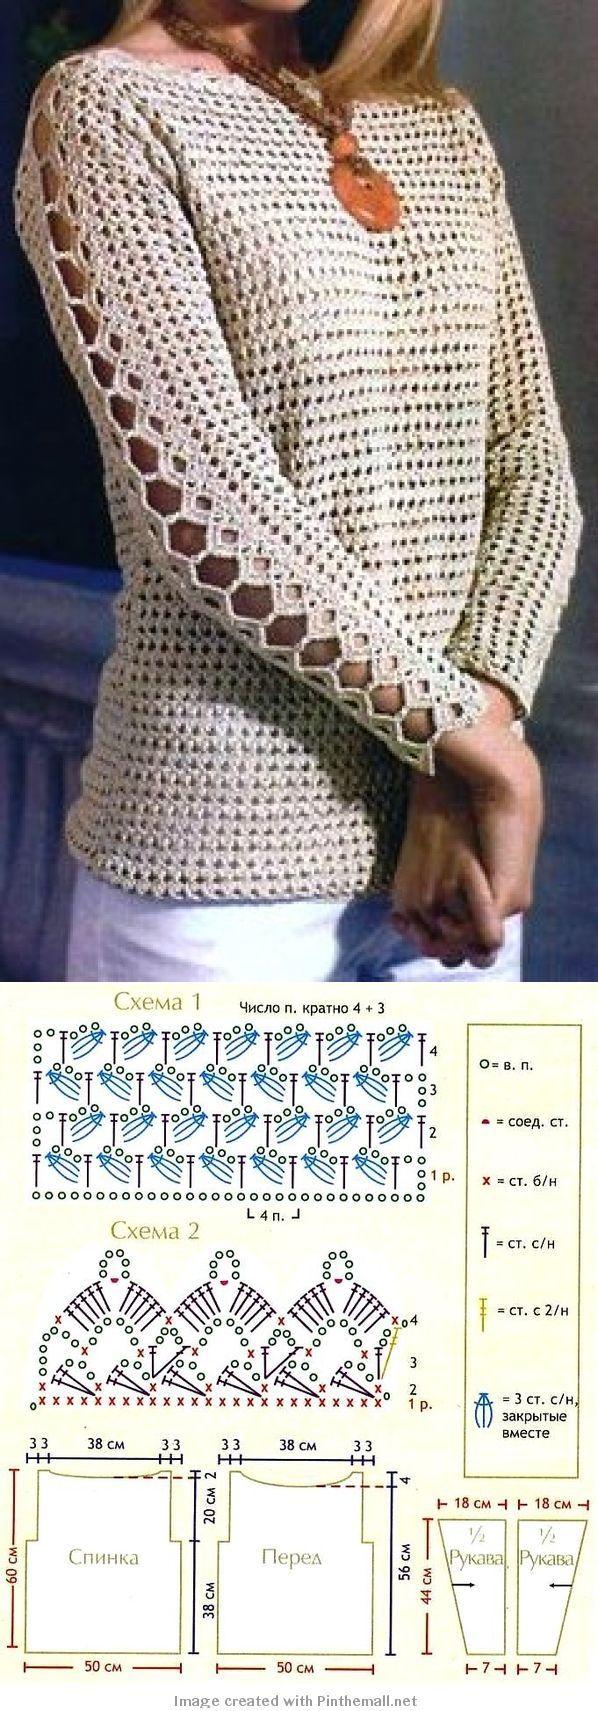 Chorrilho de ideias: Camisola manga comprida verão em crochet com ...